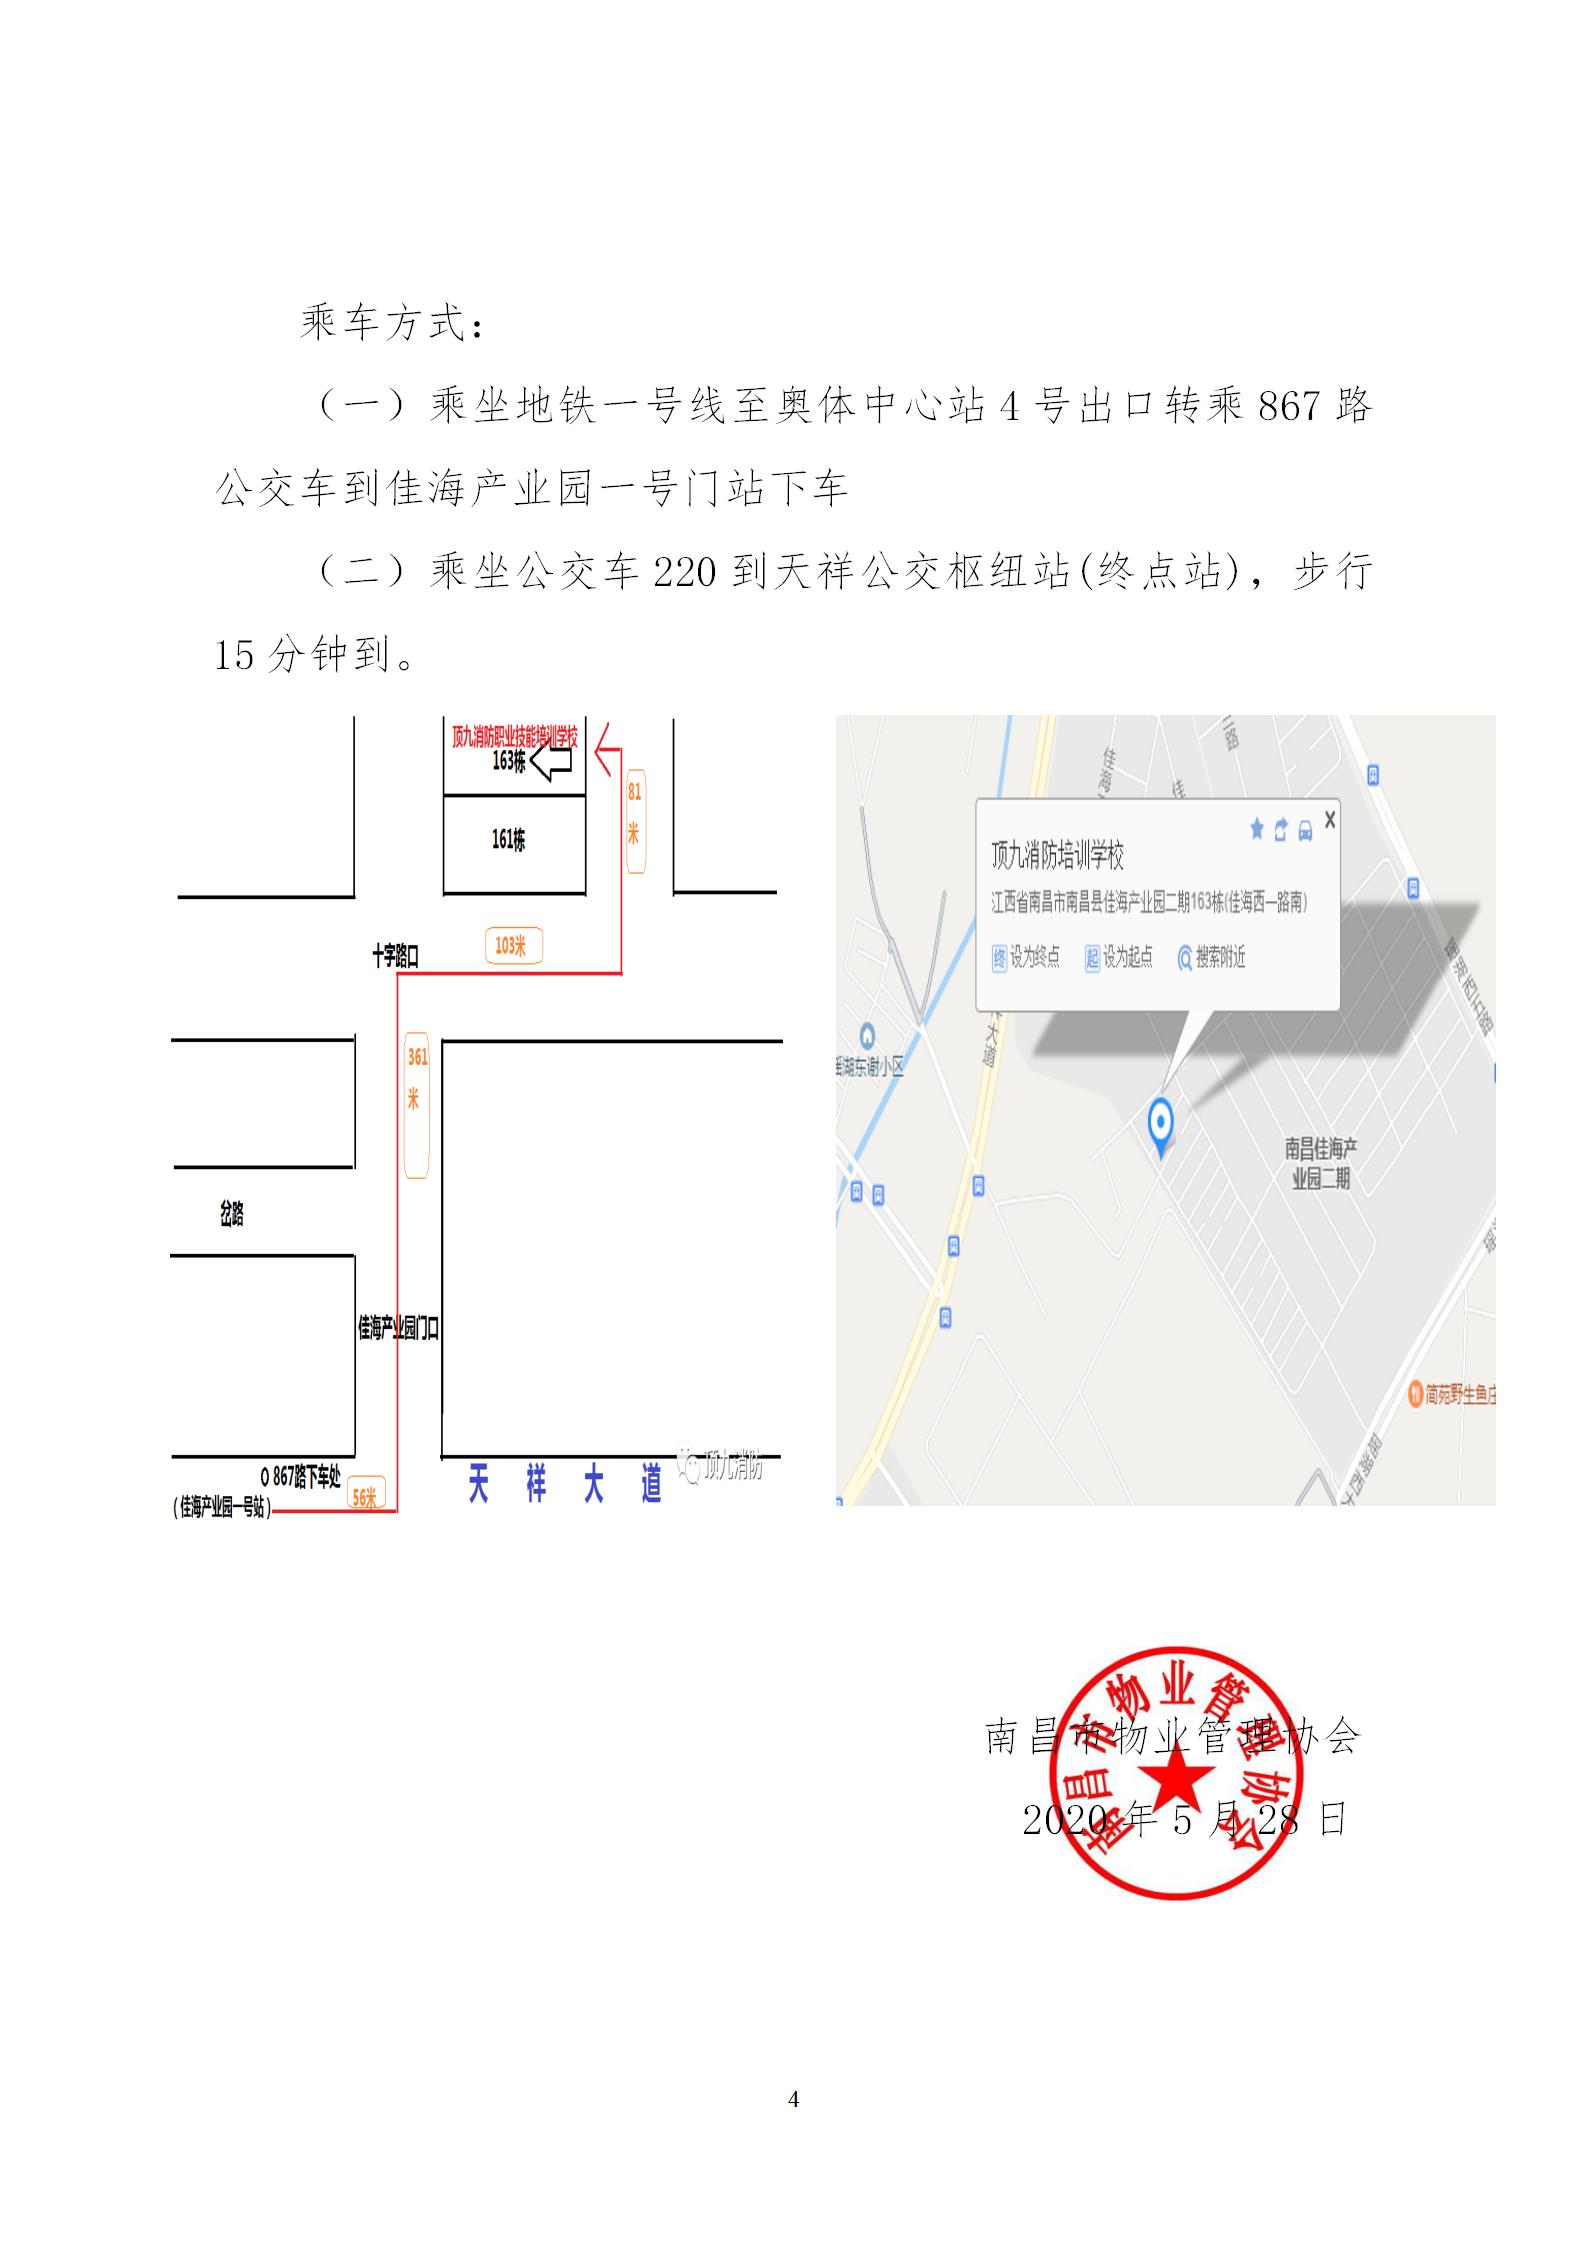 洪物协字[2020]11号 关于举办南昌市物业服务工程主管学习班的通知_04.png